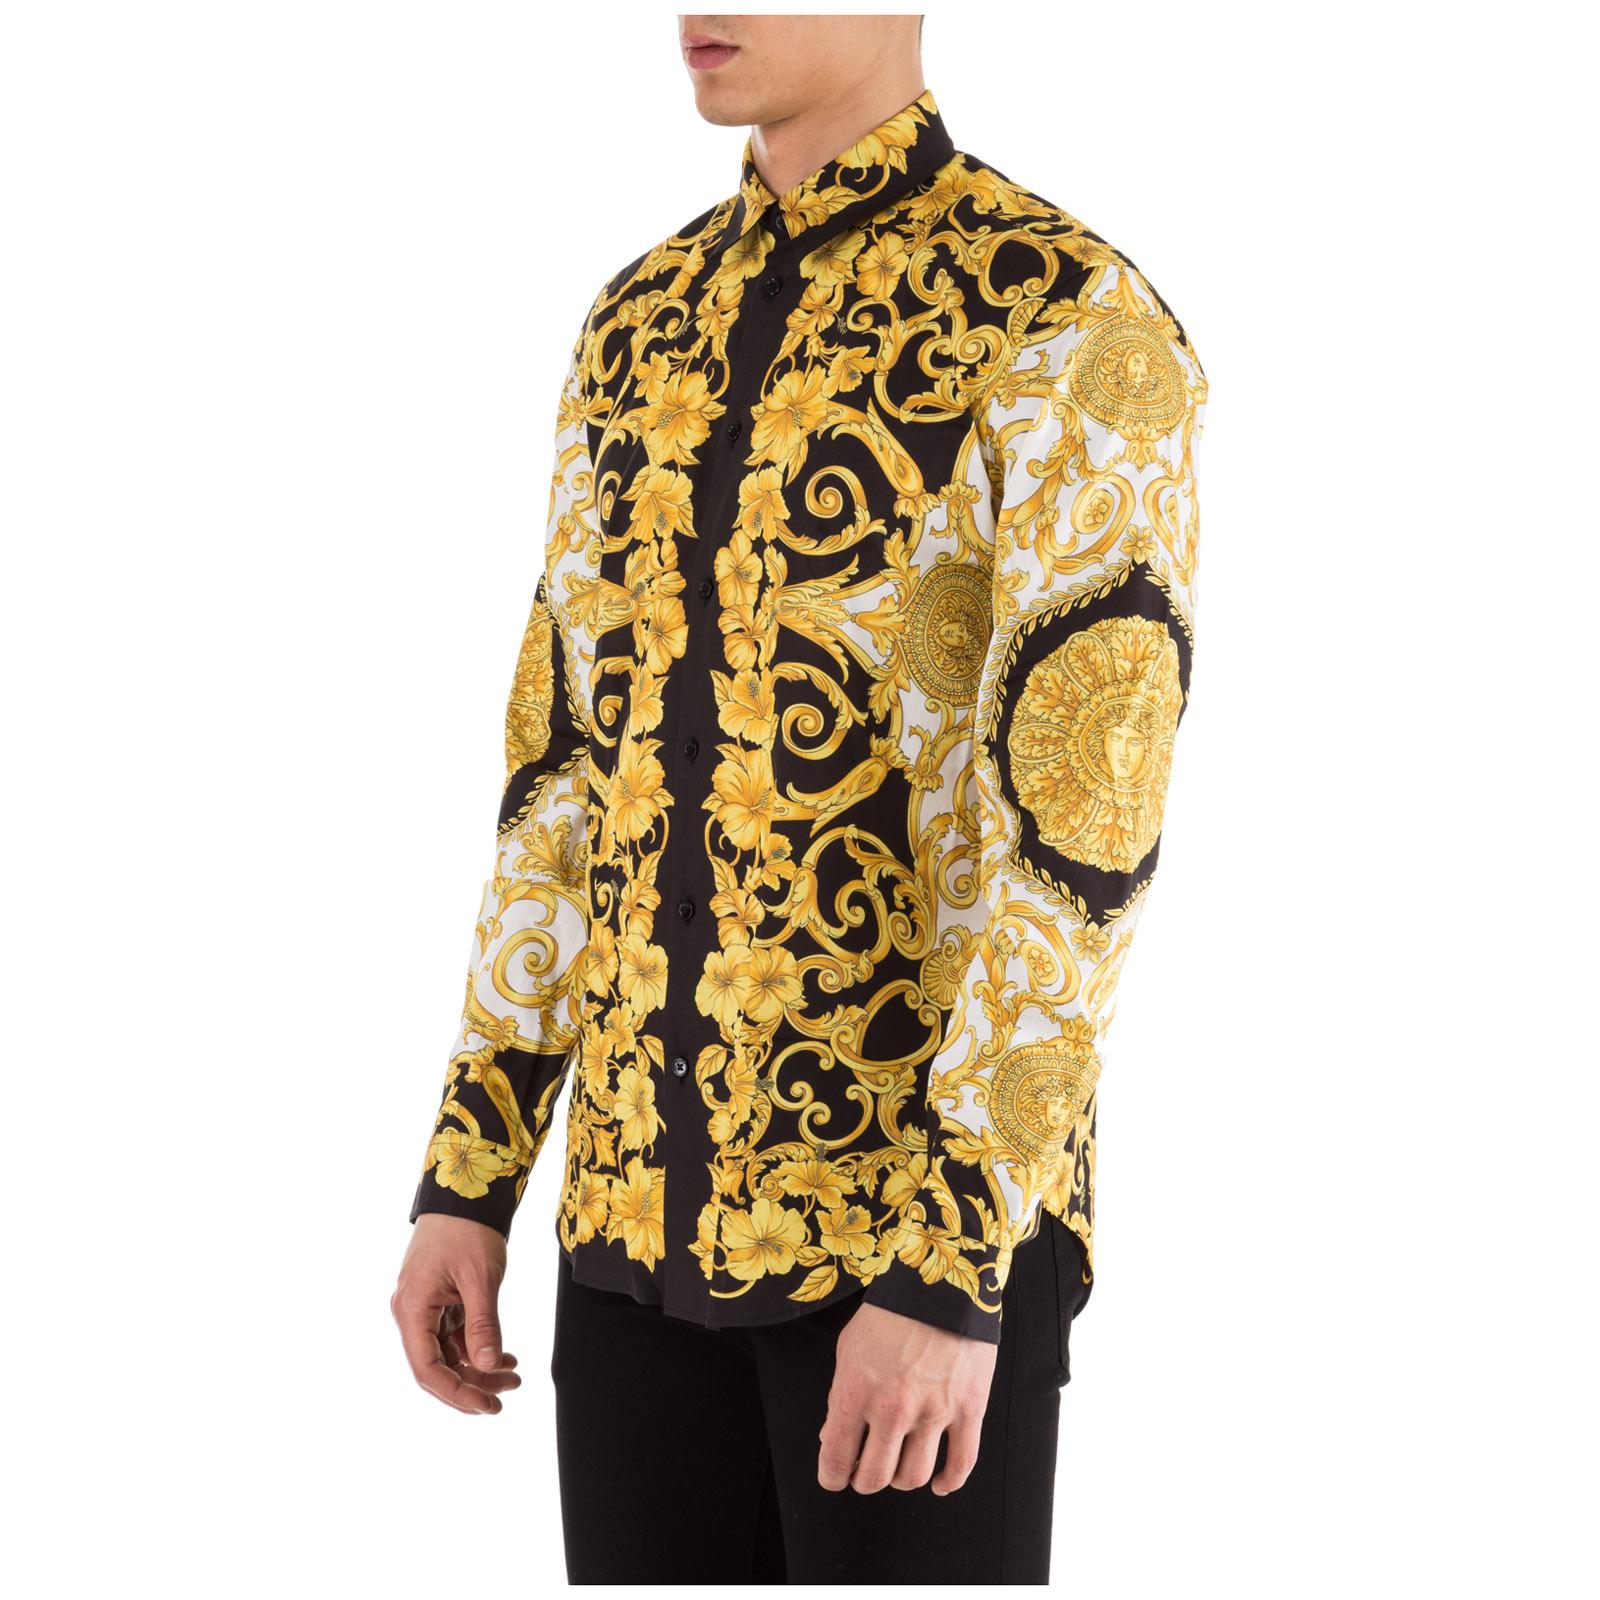 nuovi stili 50a62 0269c Camicia uomo maniche lunghe